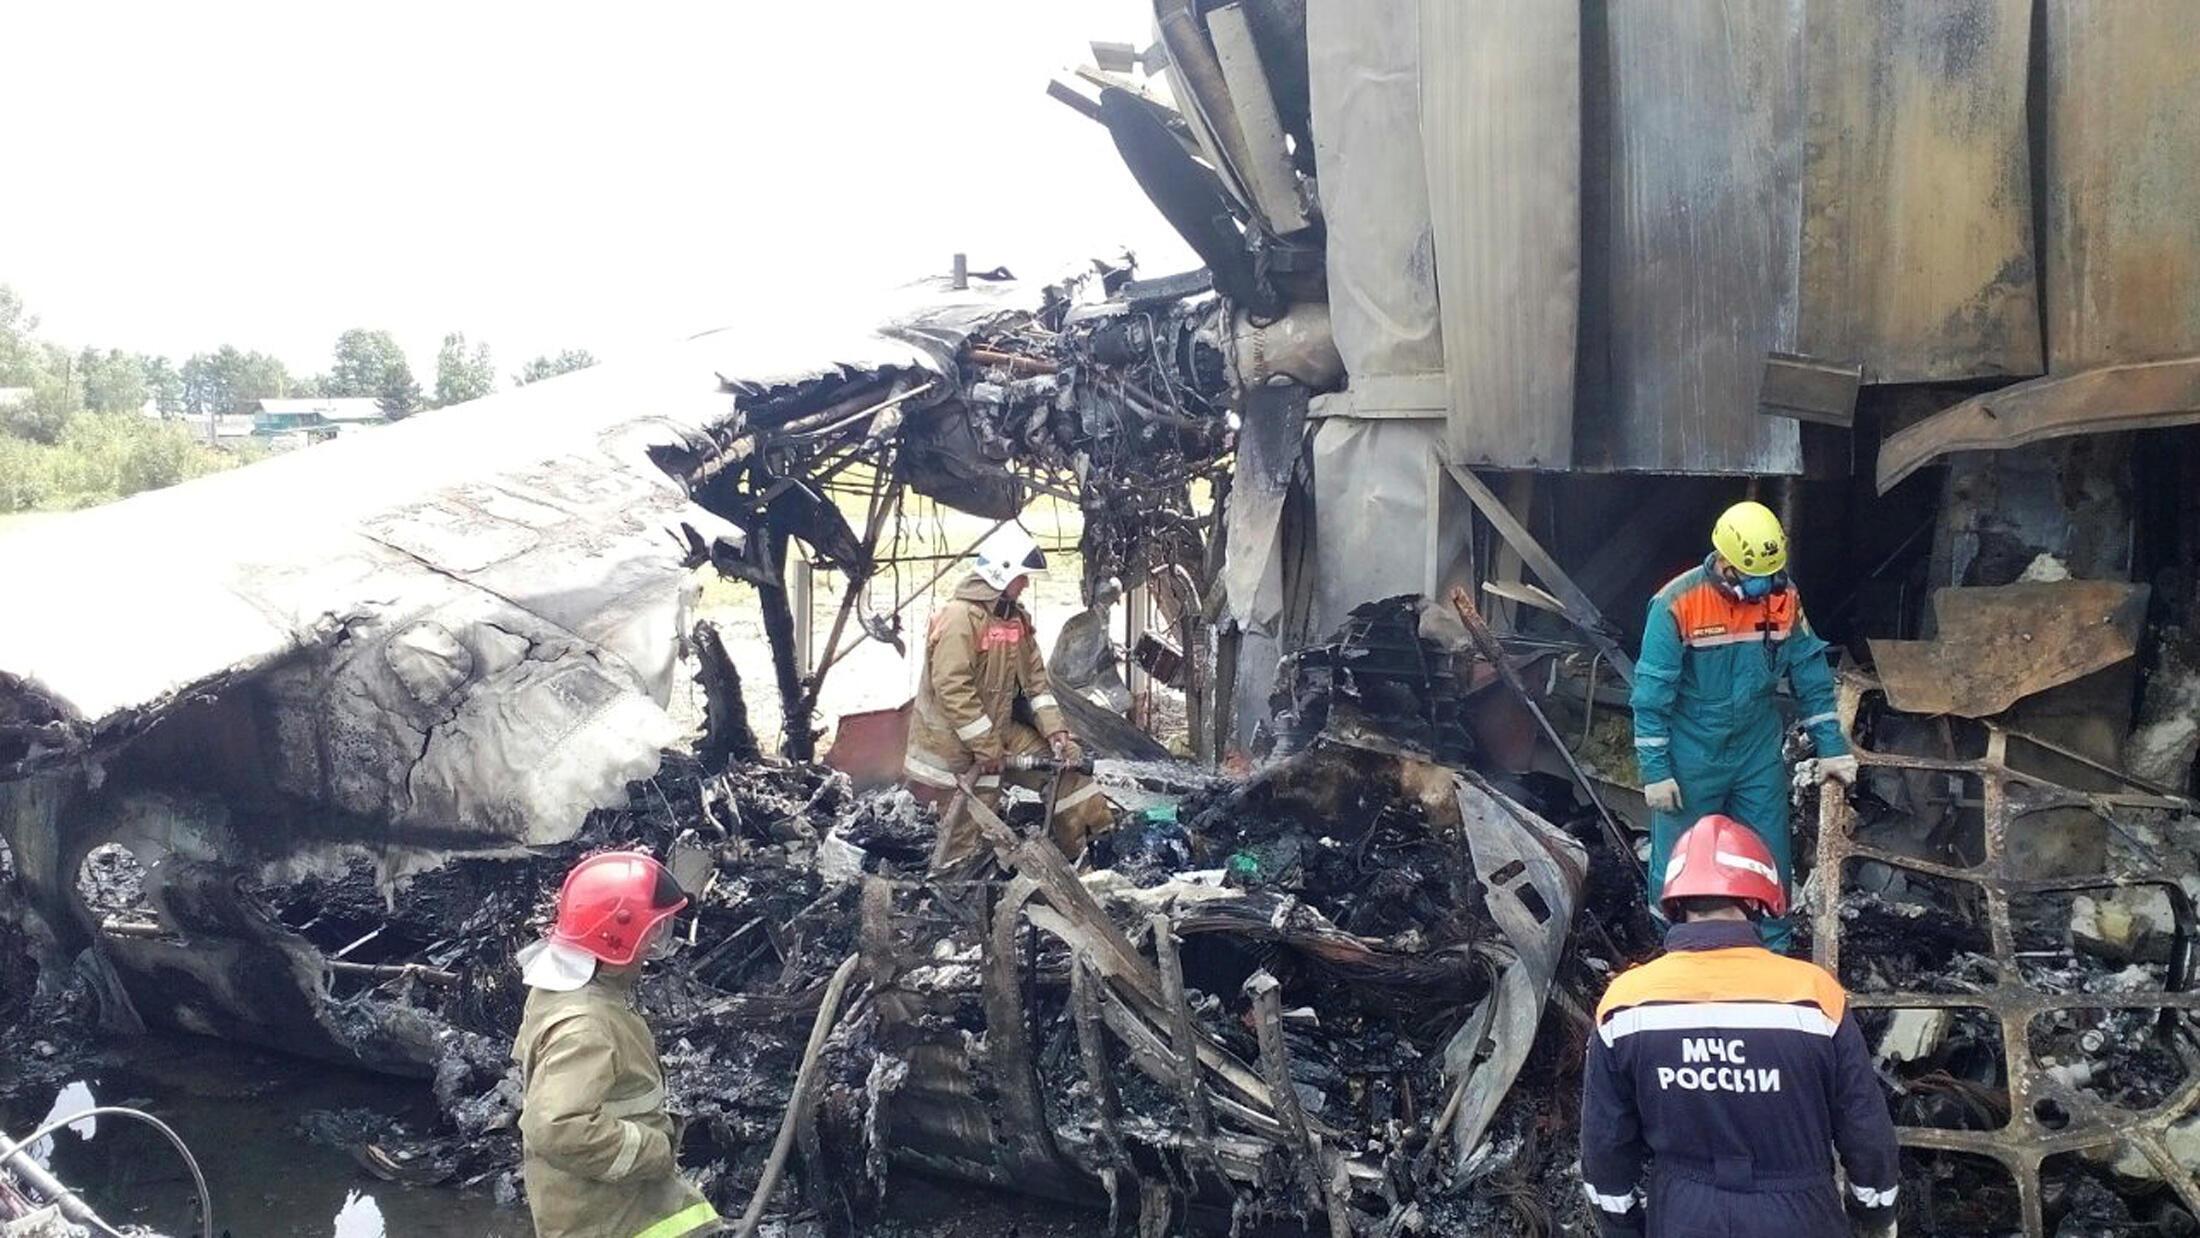 Пожарные и спасатели на месте аварии, Нижнеангарск, 27 июня 2019